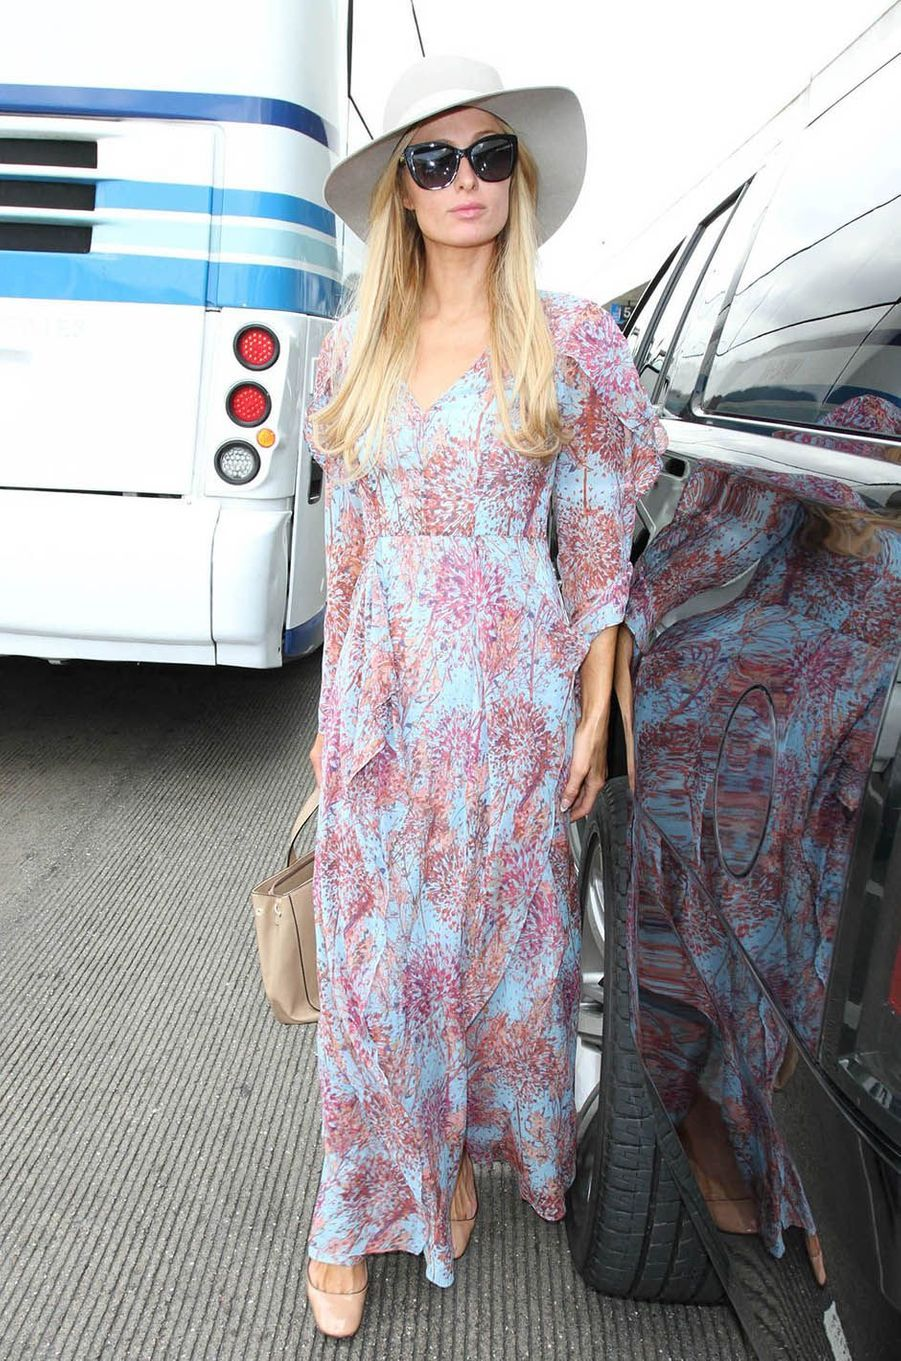 Paris Hilton condamnée à 45 jours de prison pour conduite sans permis en 2007.